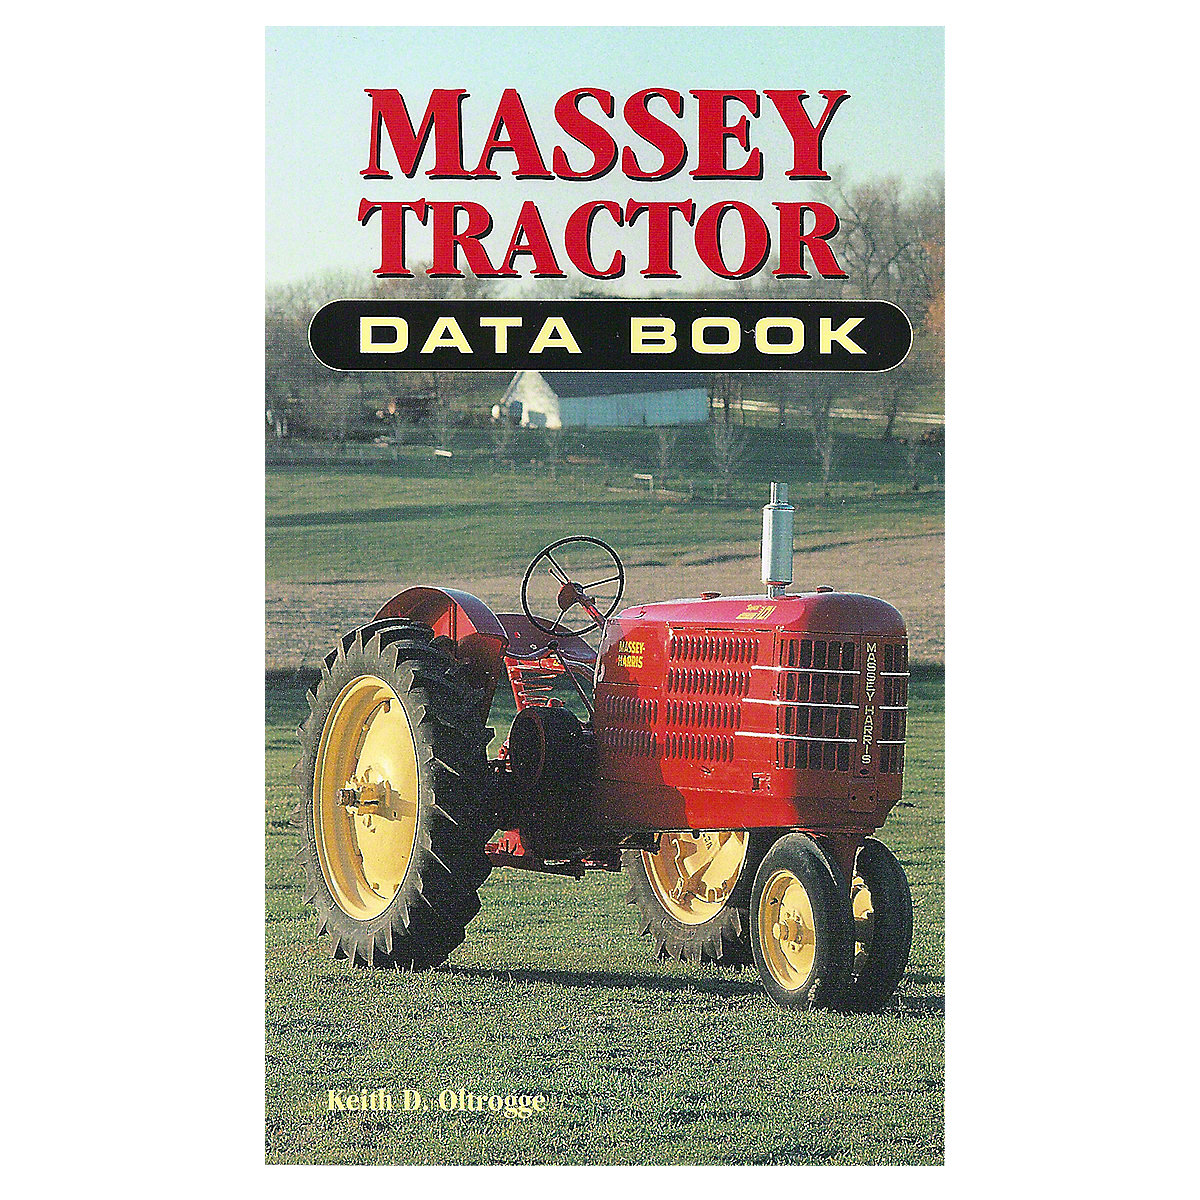 John Deere farm tractors by model